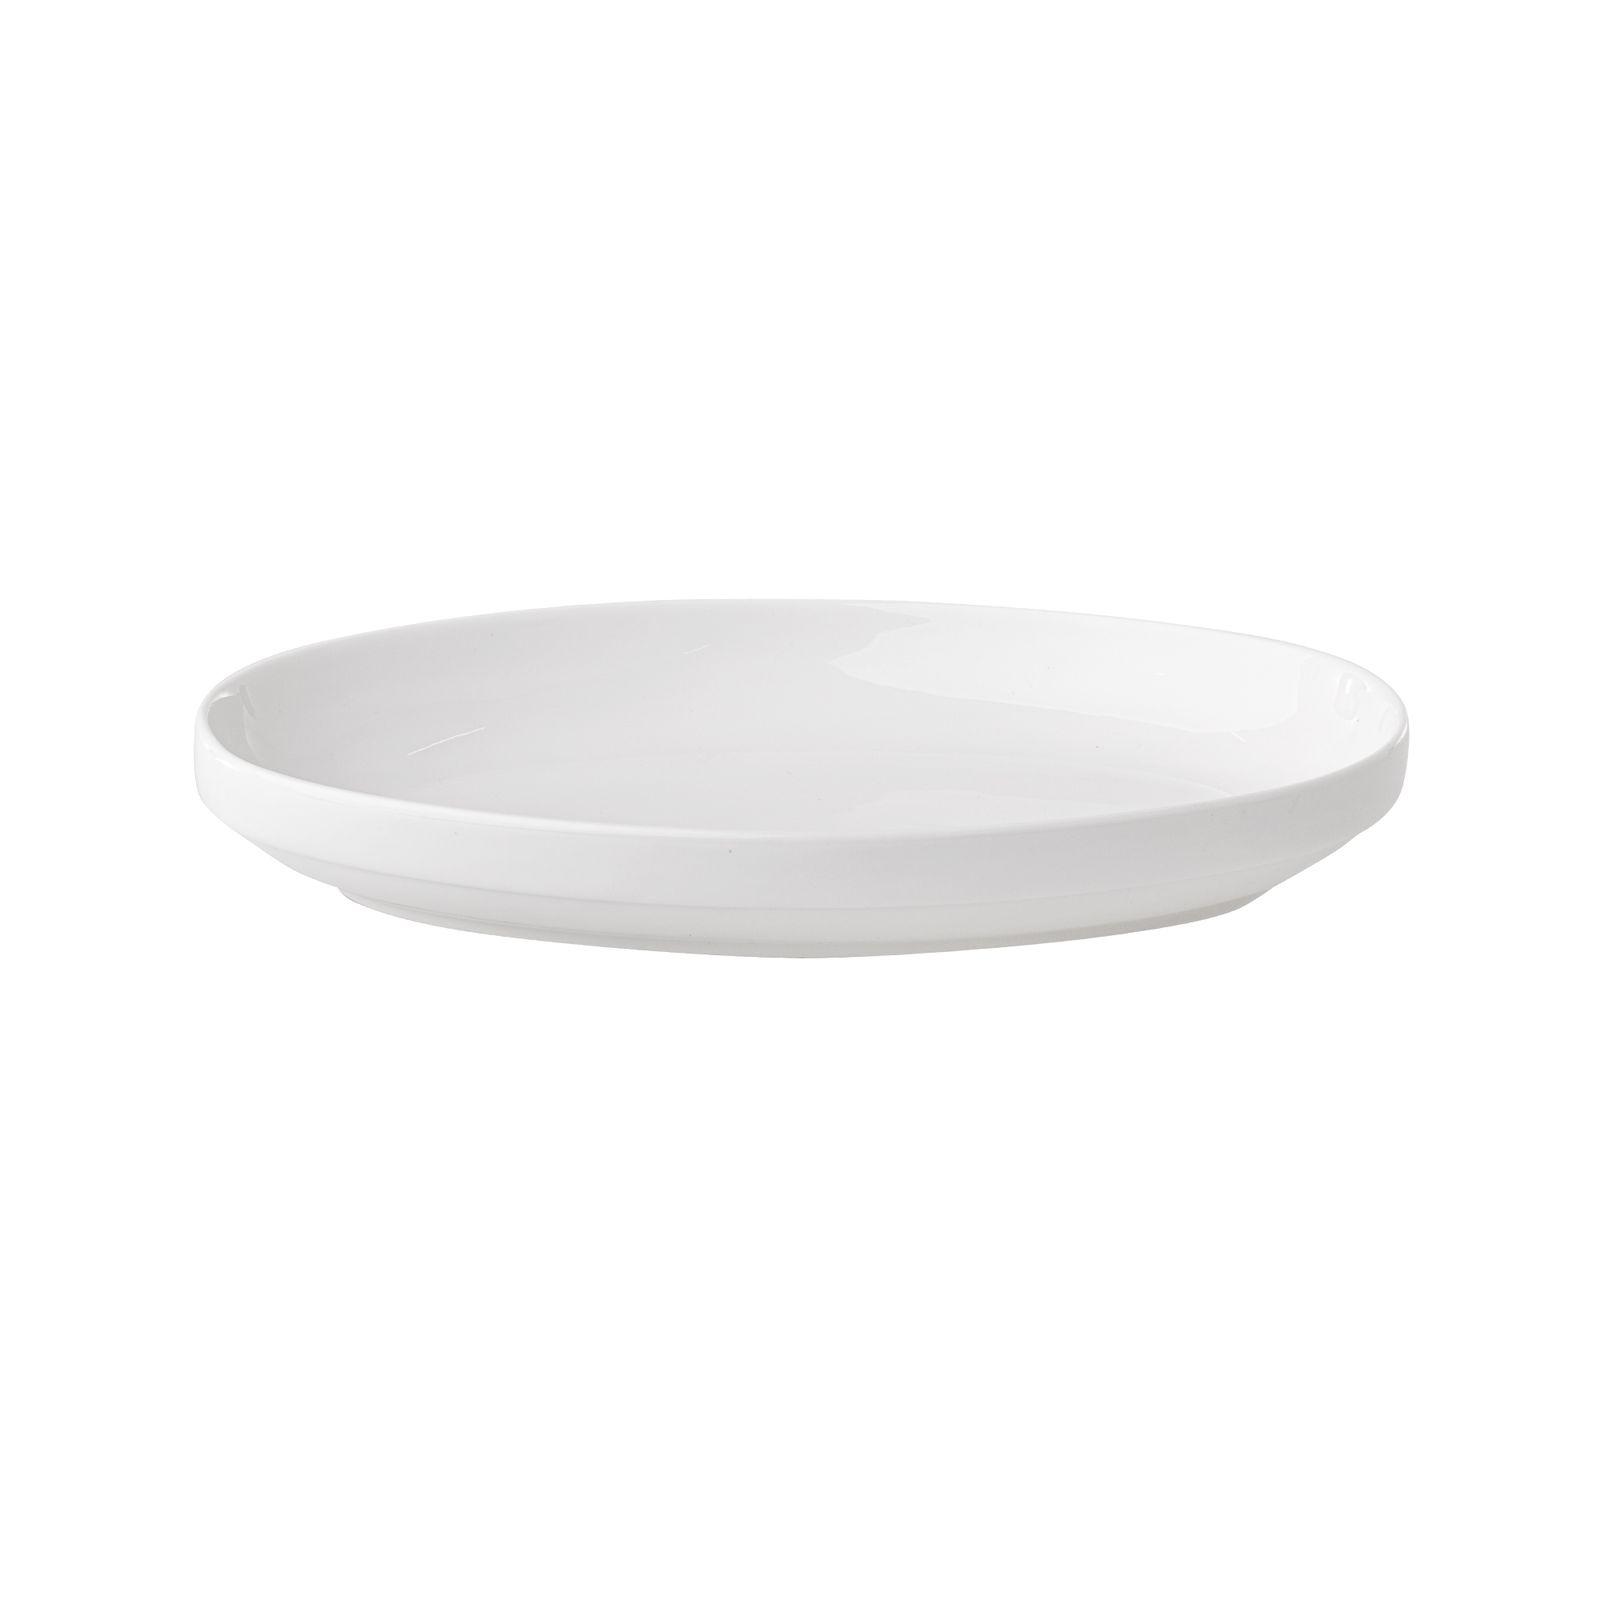 Plat Salsa 26,4 x 17,5 cm AMBITION